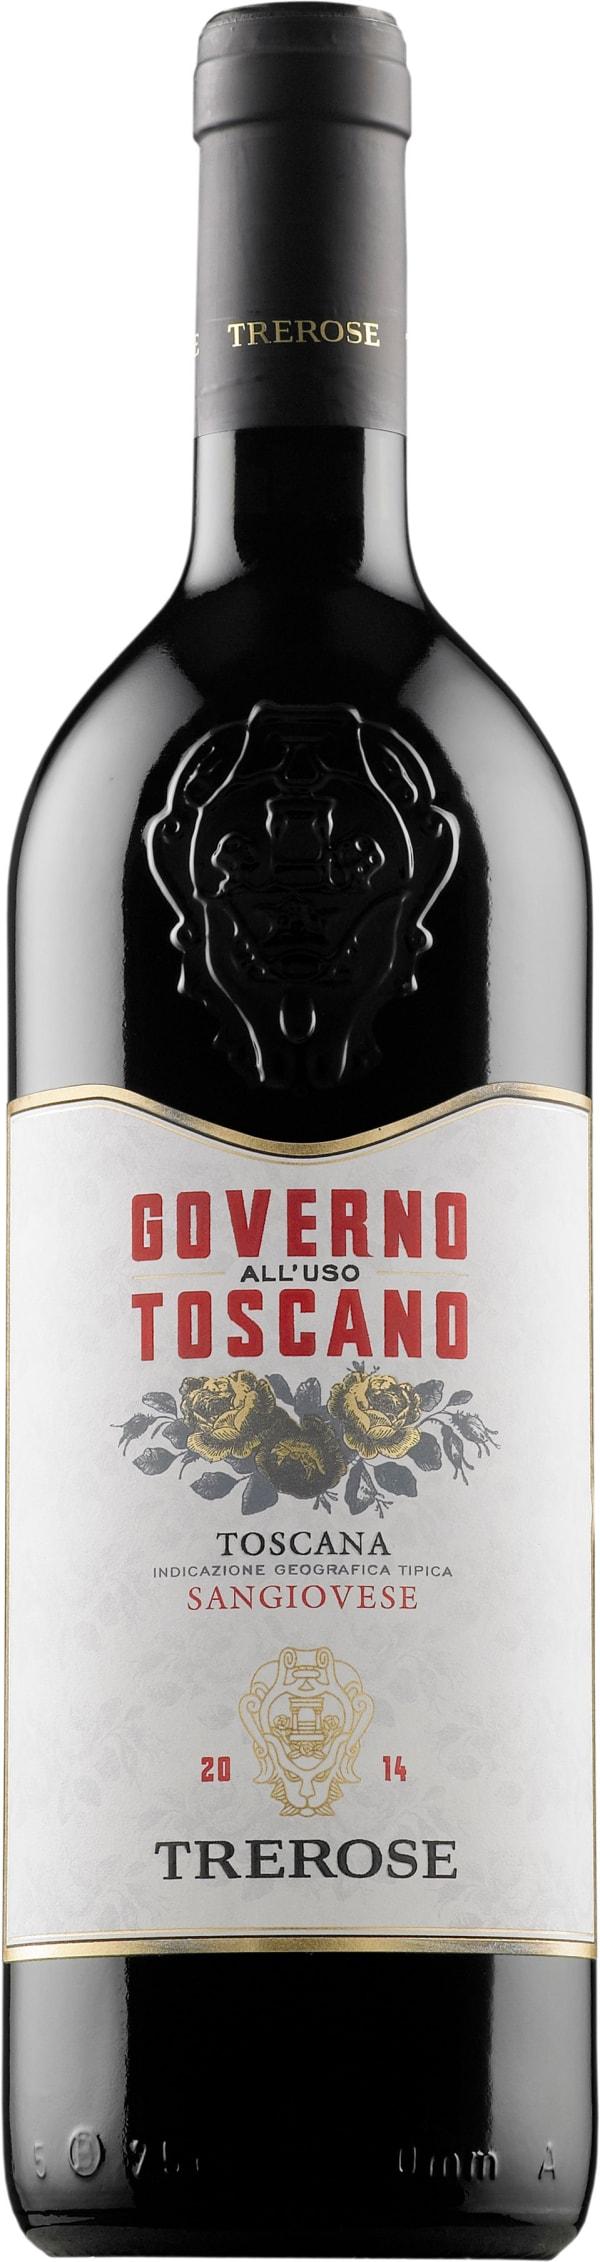 Tre Rose Governo all'Uso Toscano 2019 presentförpackning